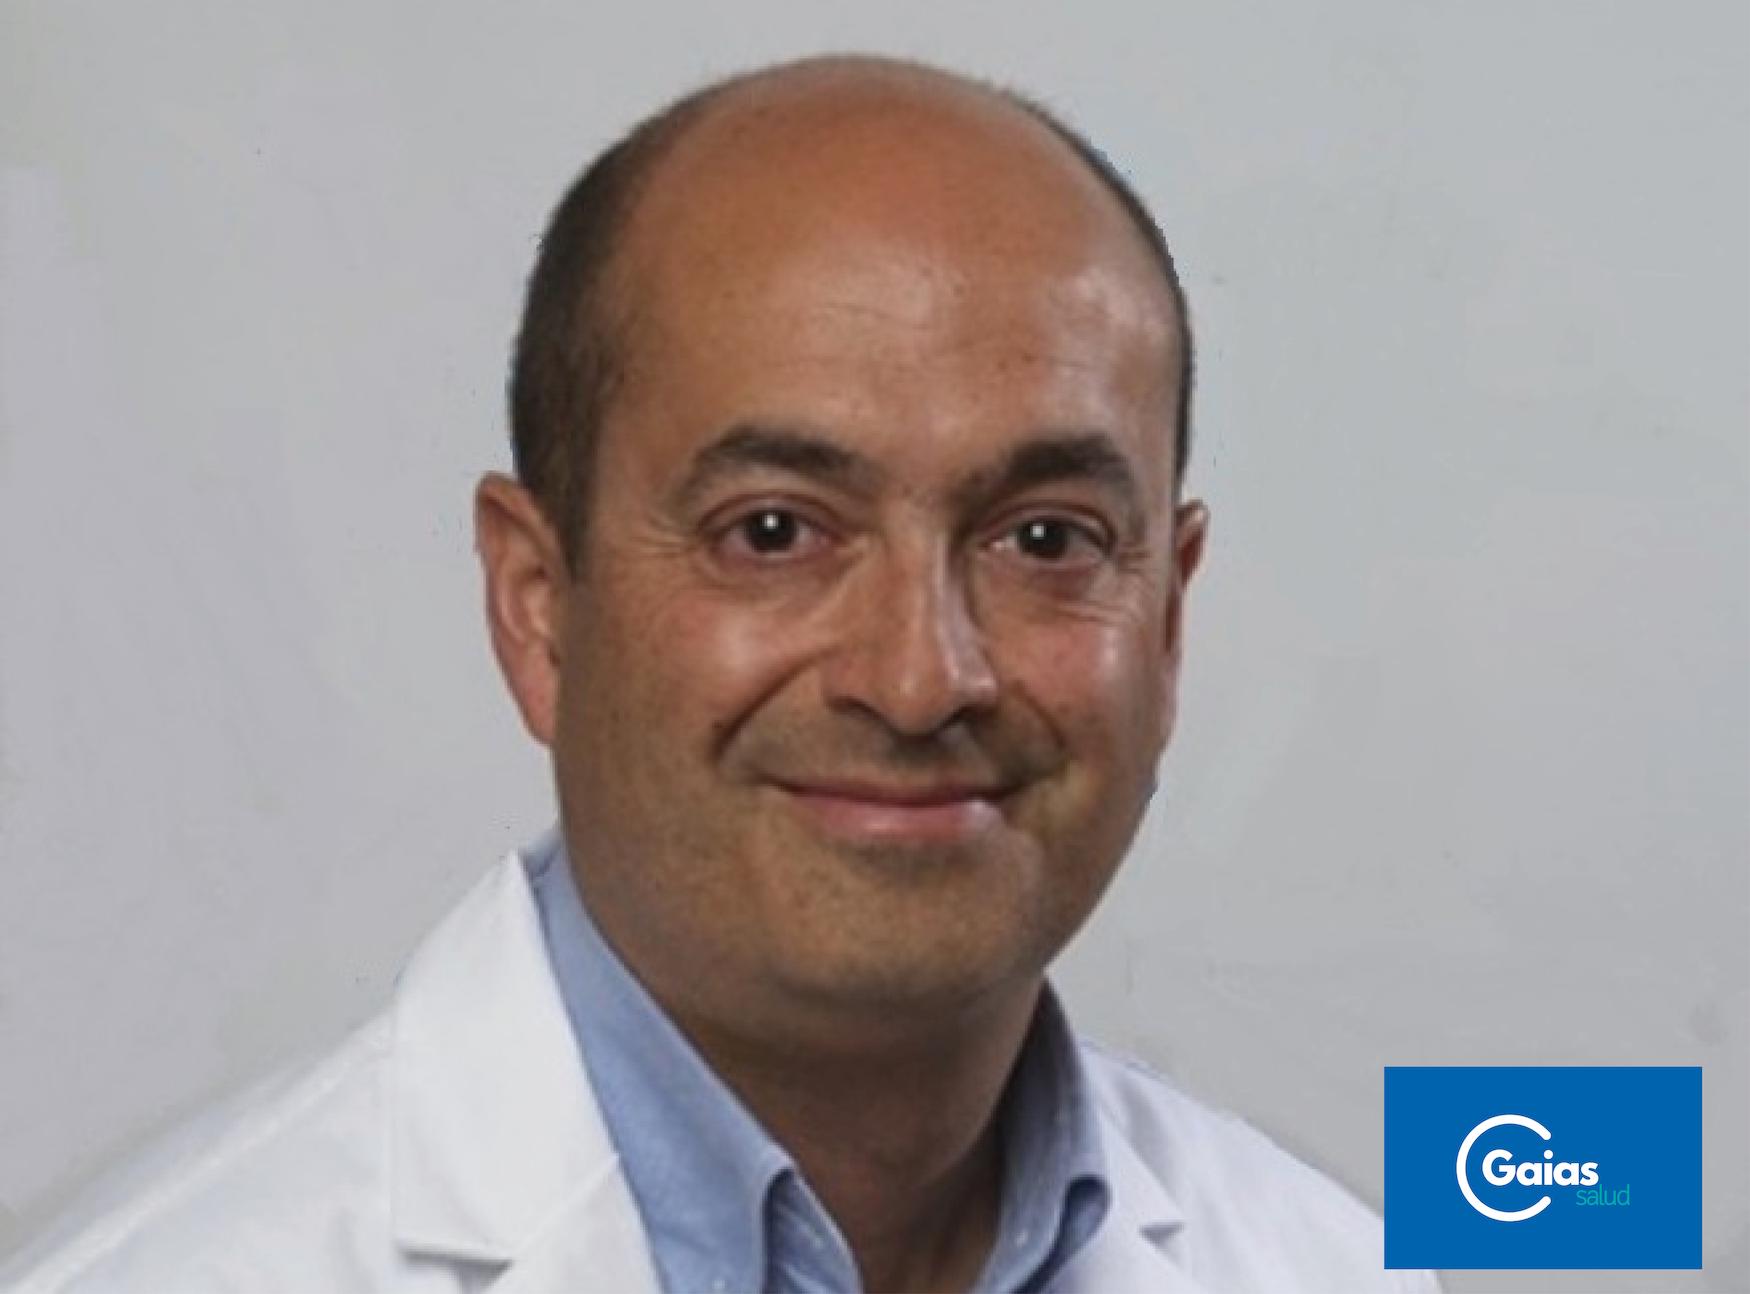 Clínicas Gaias Vigo | Dr. Adolfo Rey